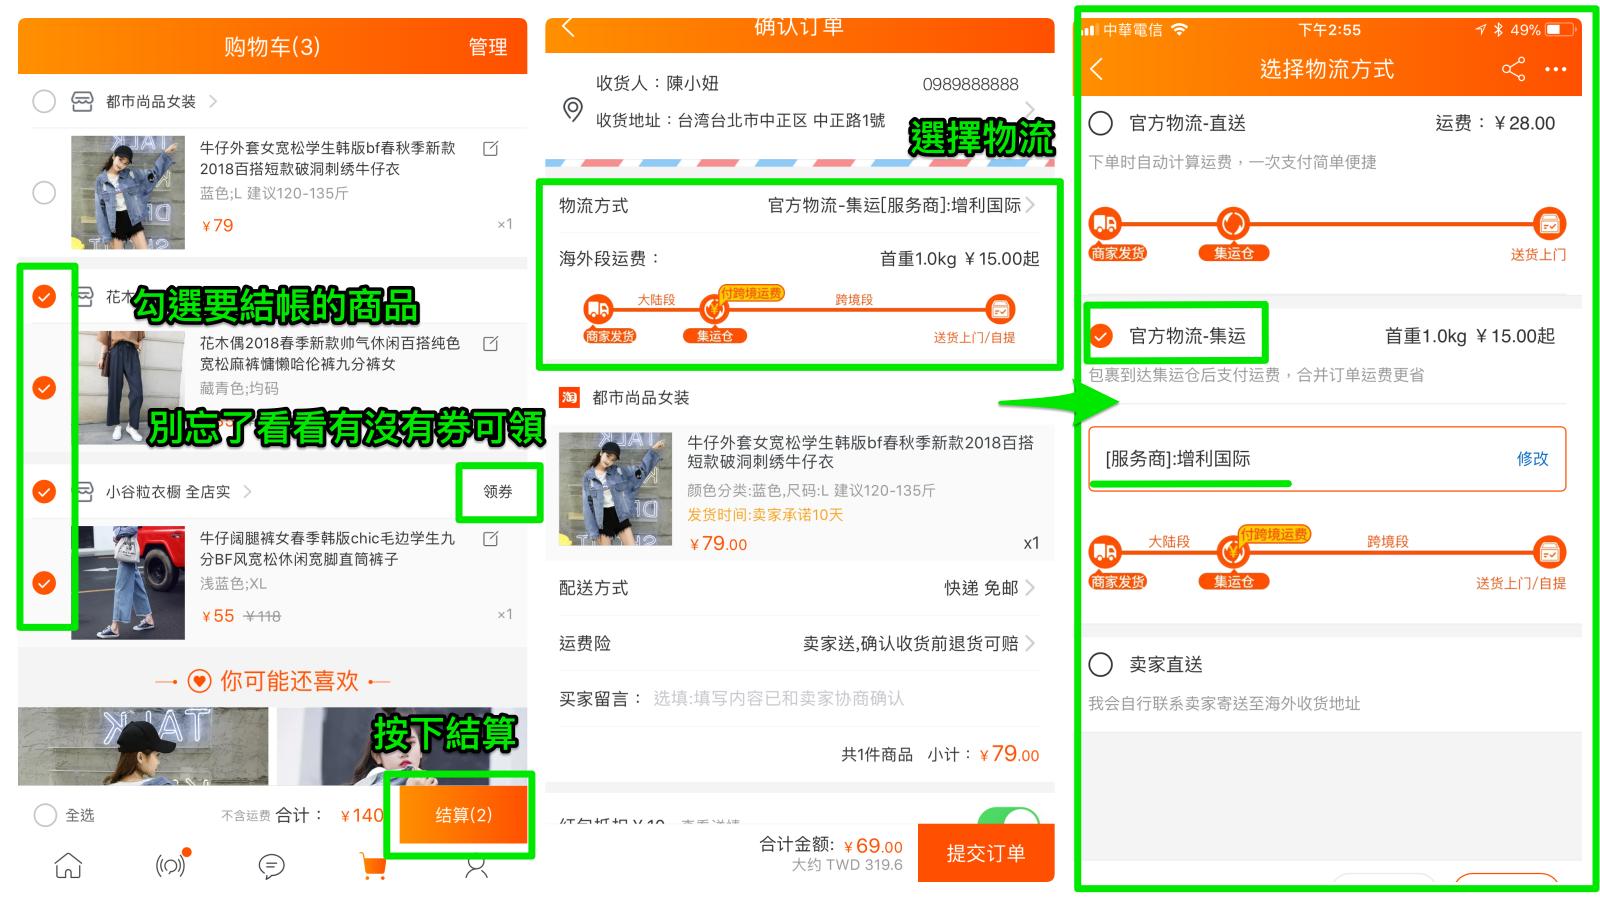 淘寶 app